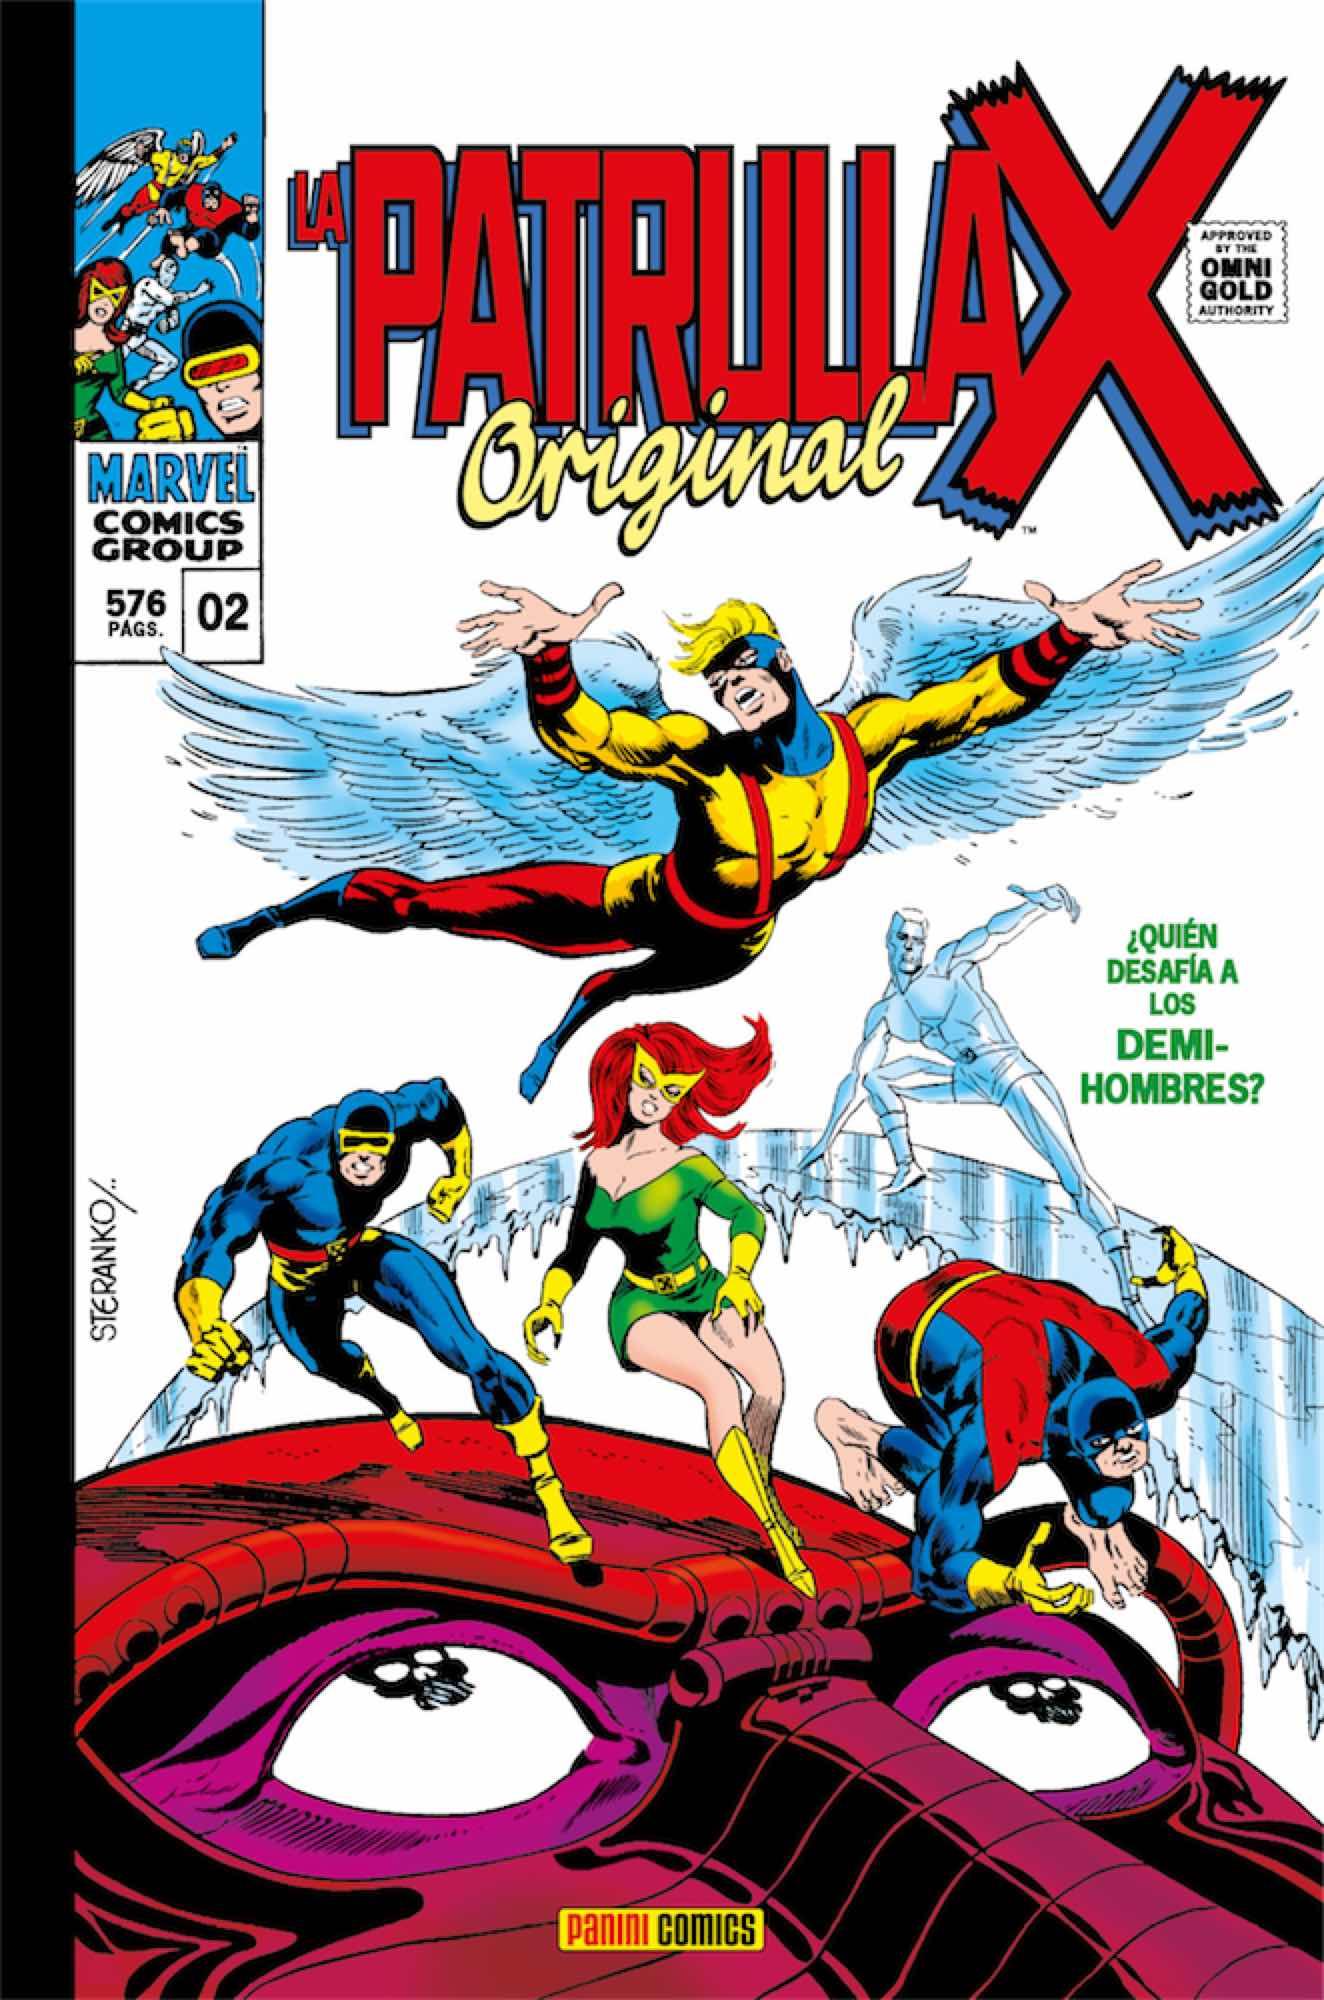 LA PATRULLA-X ORIGINAL 02. ¿QUIEN OSA DESAFIAR A ... LOS DEMI-HOMBRES? (MARVEL GOLD)